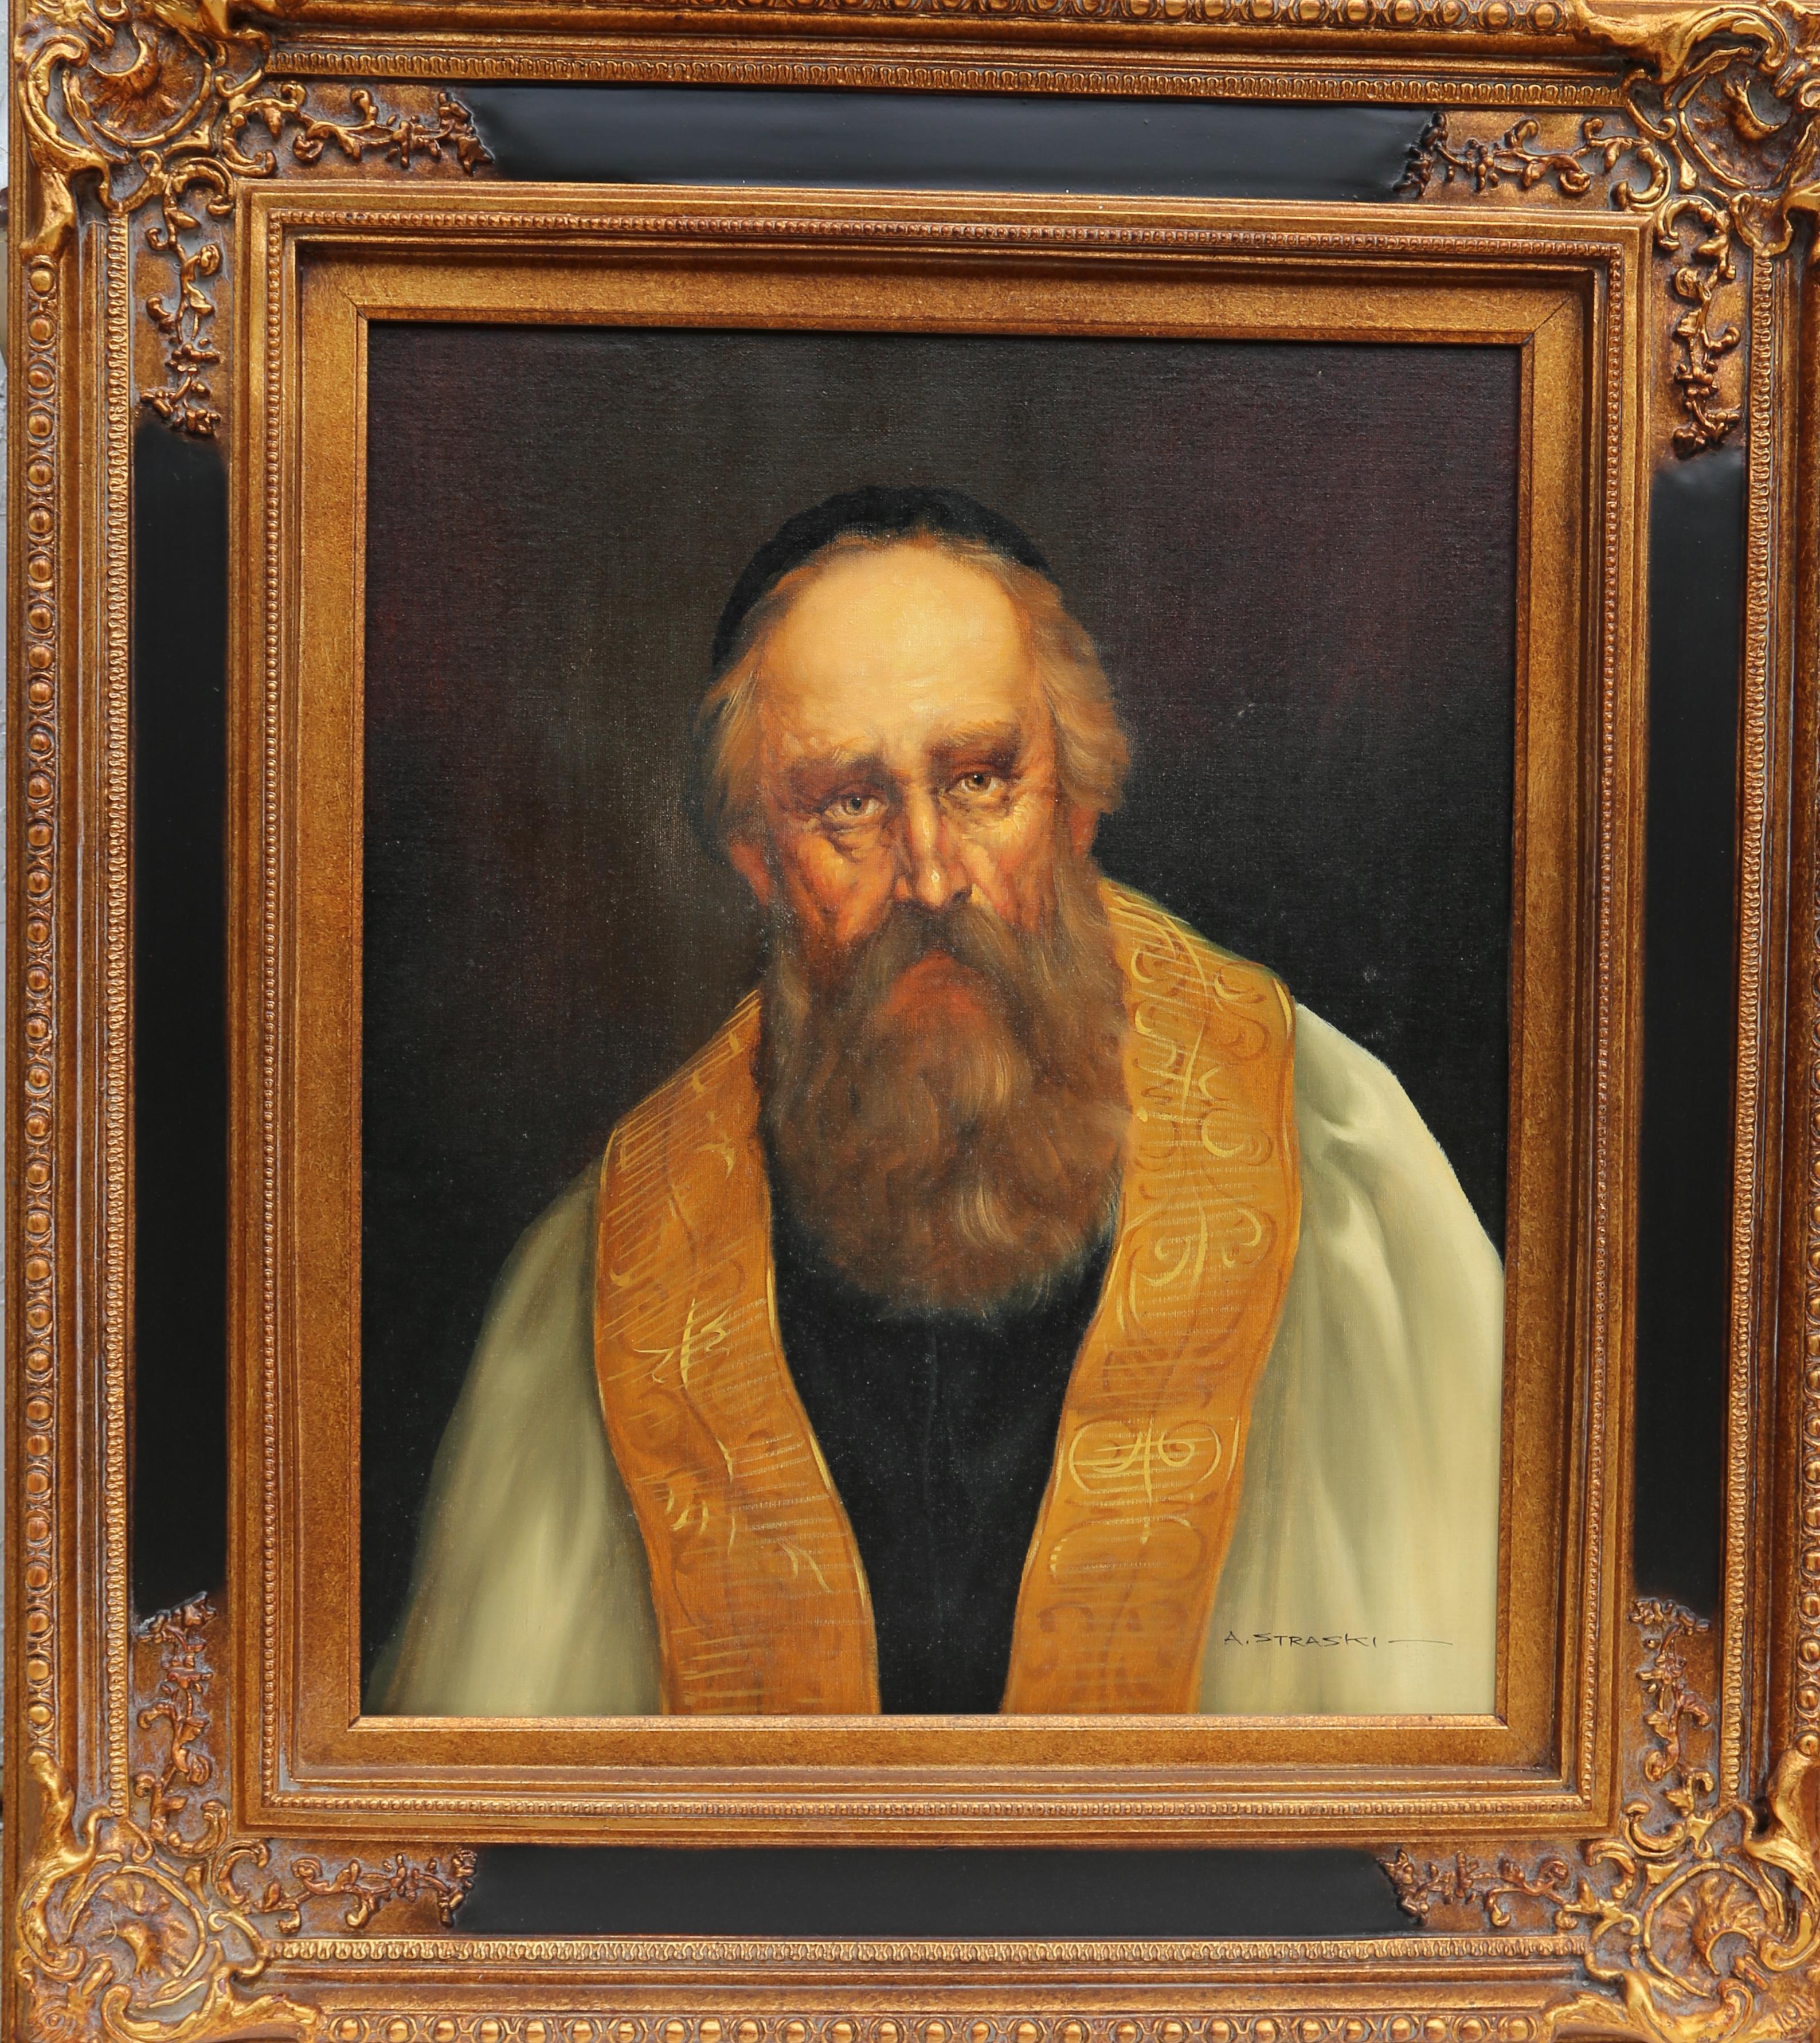 Rabbi, Oil Painting by Abraham Straski